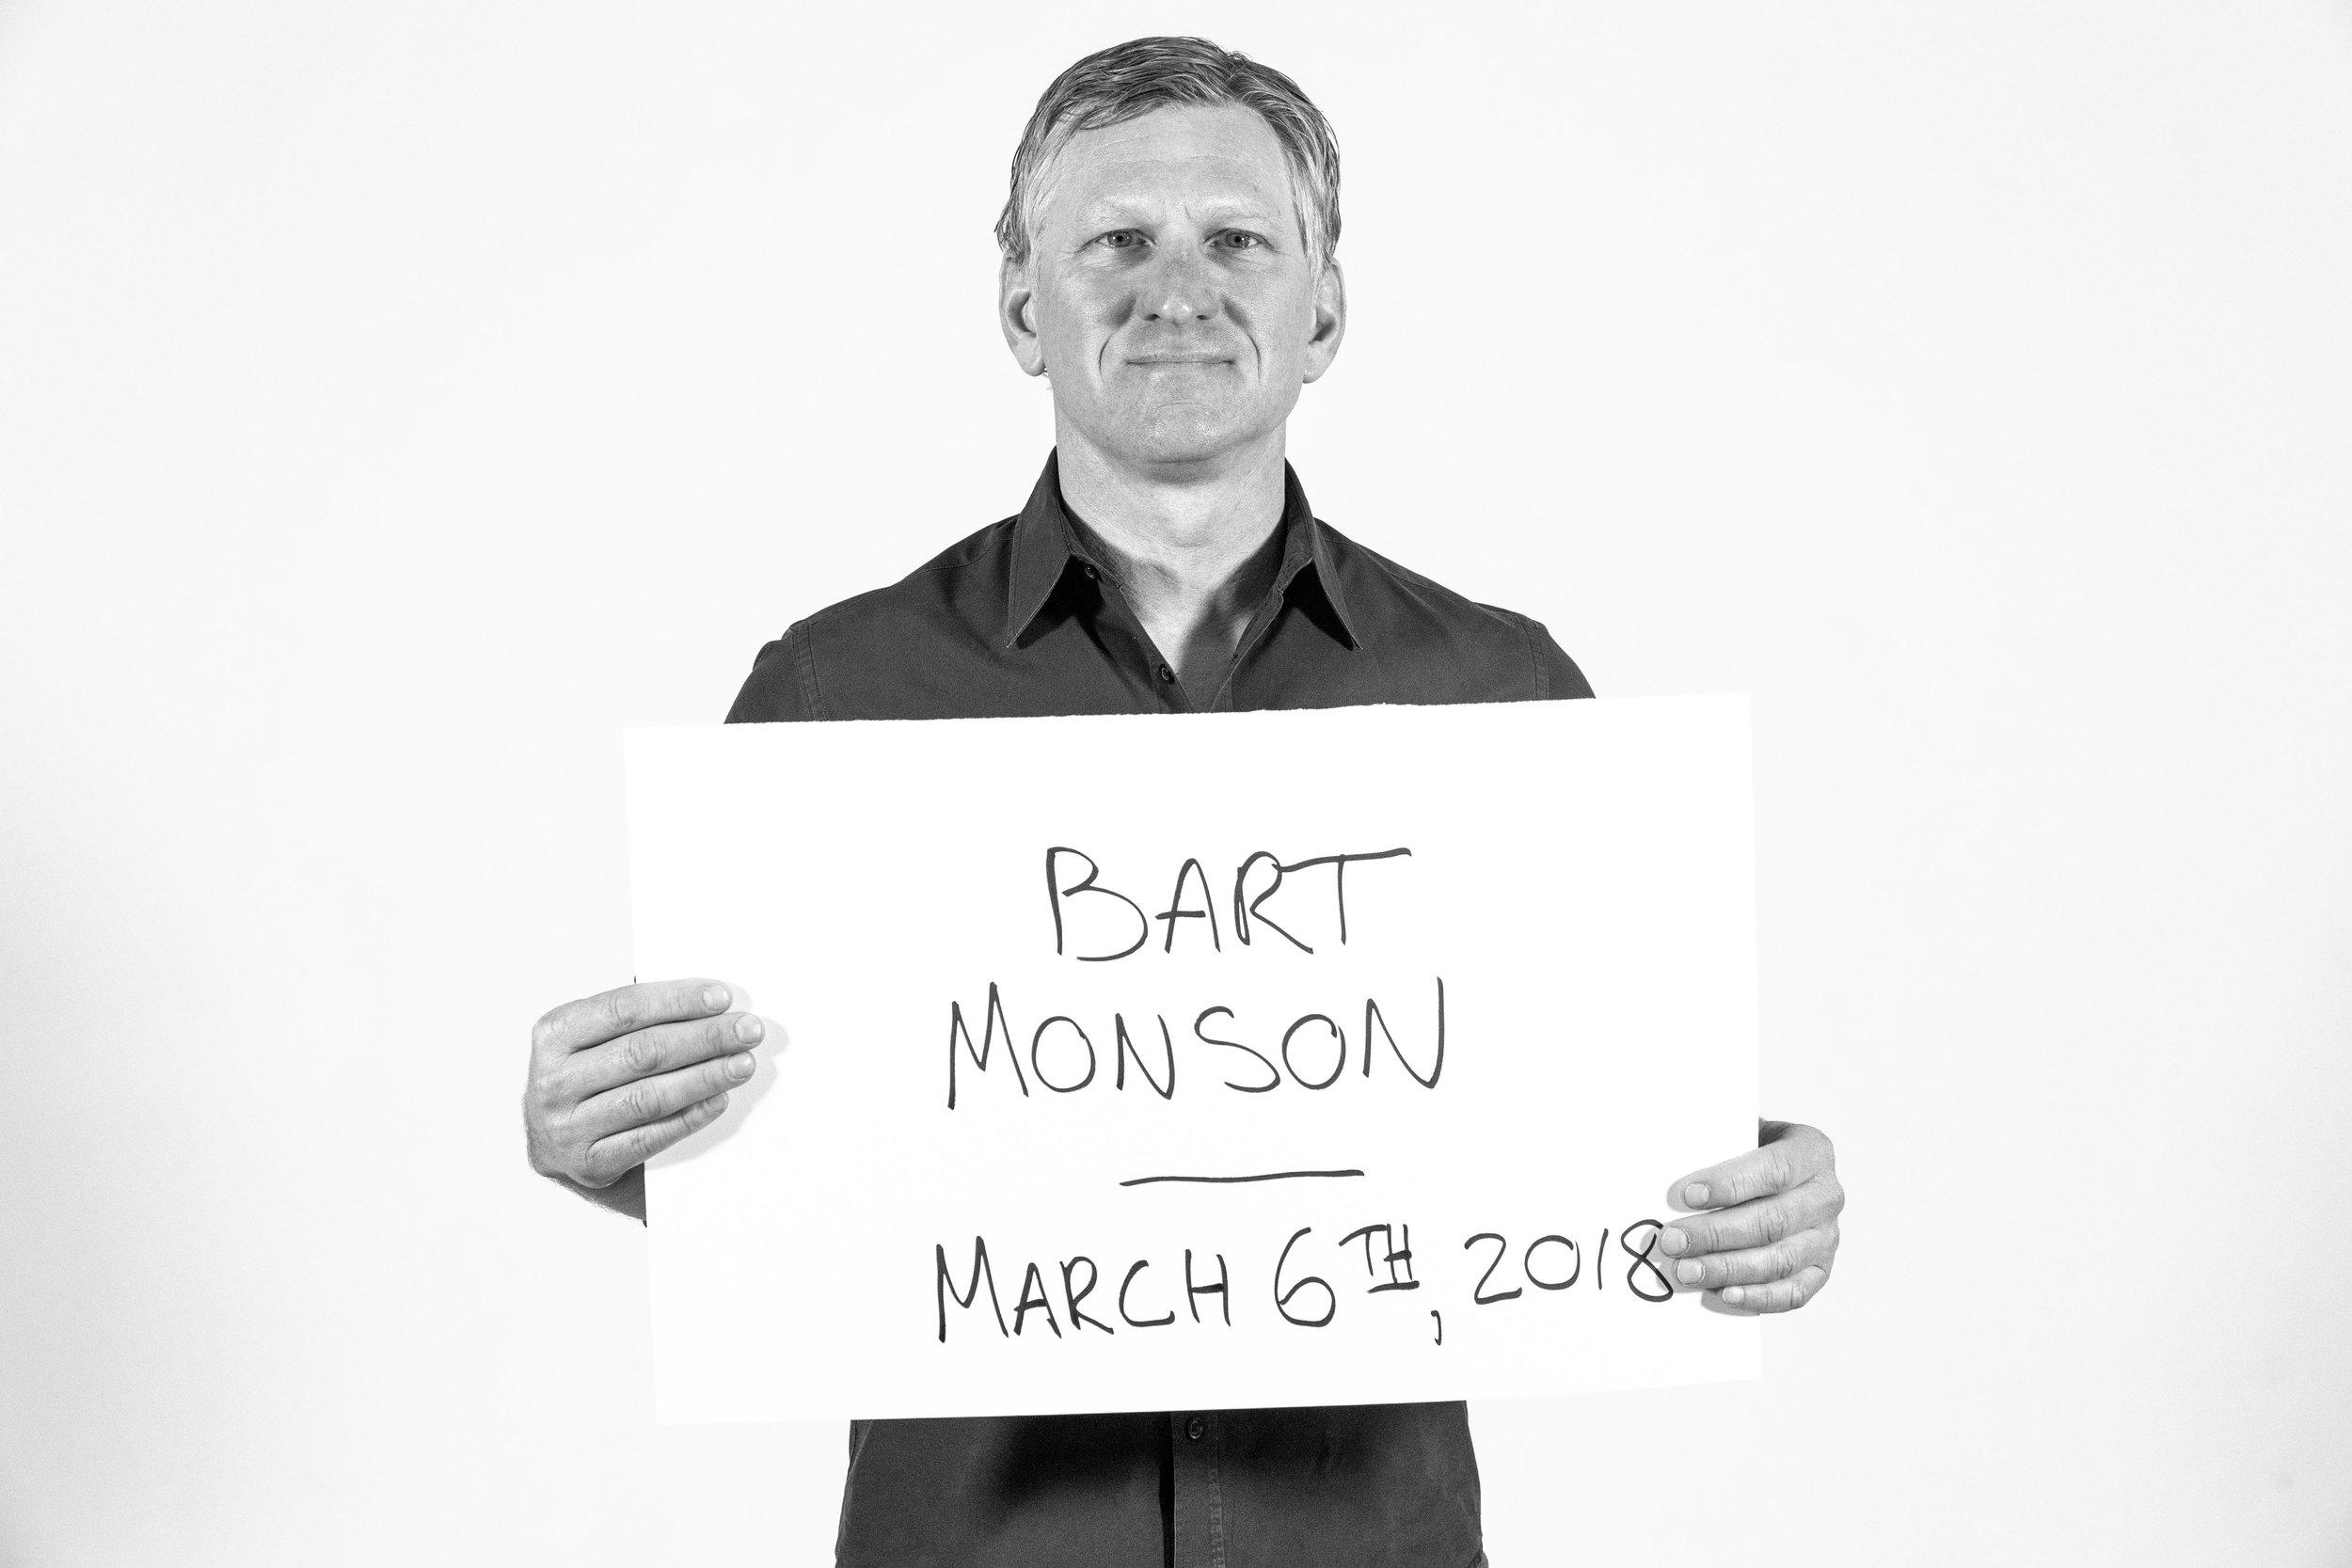 BartMonson-1.jpg